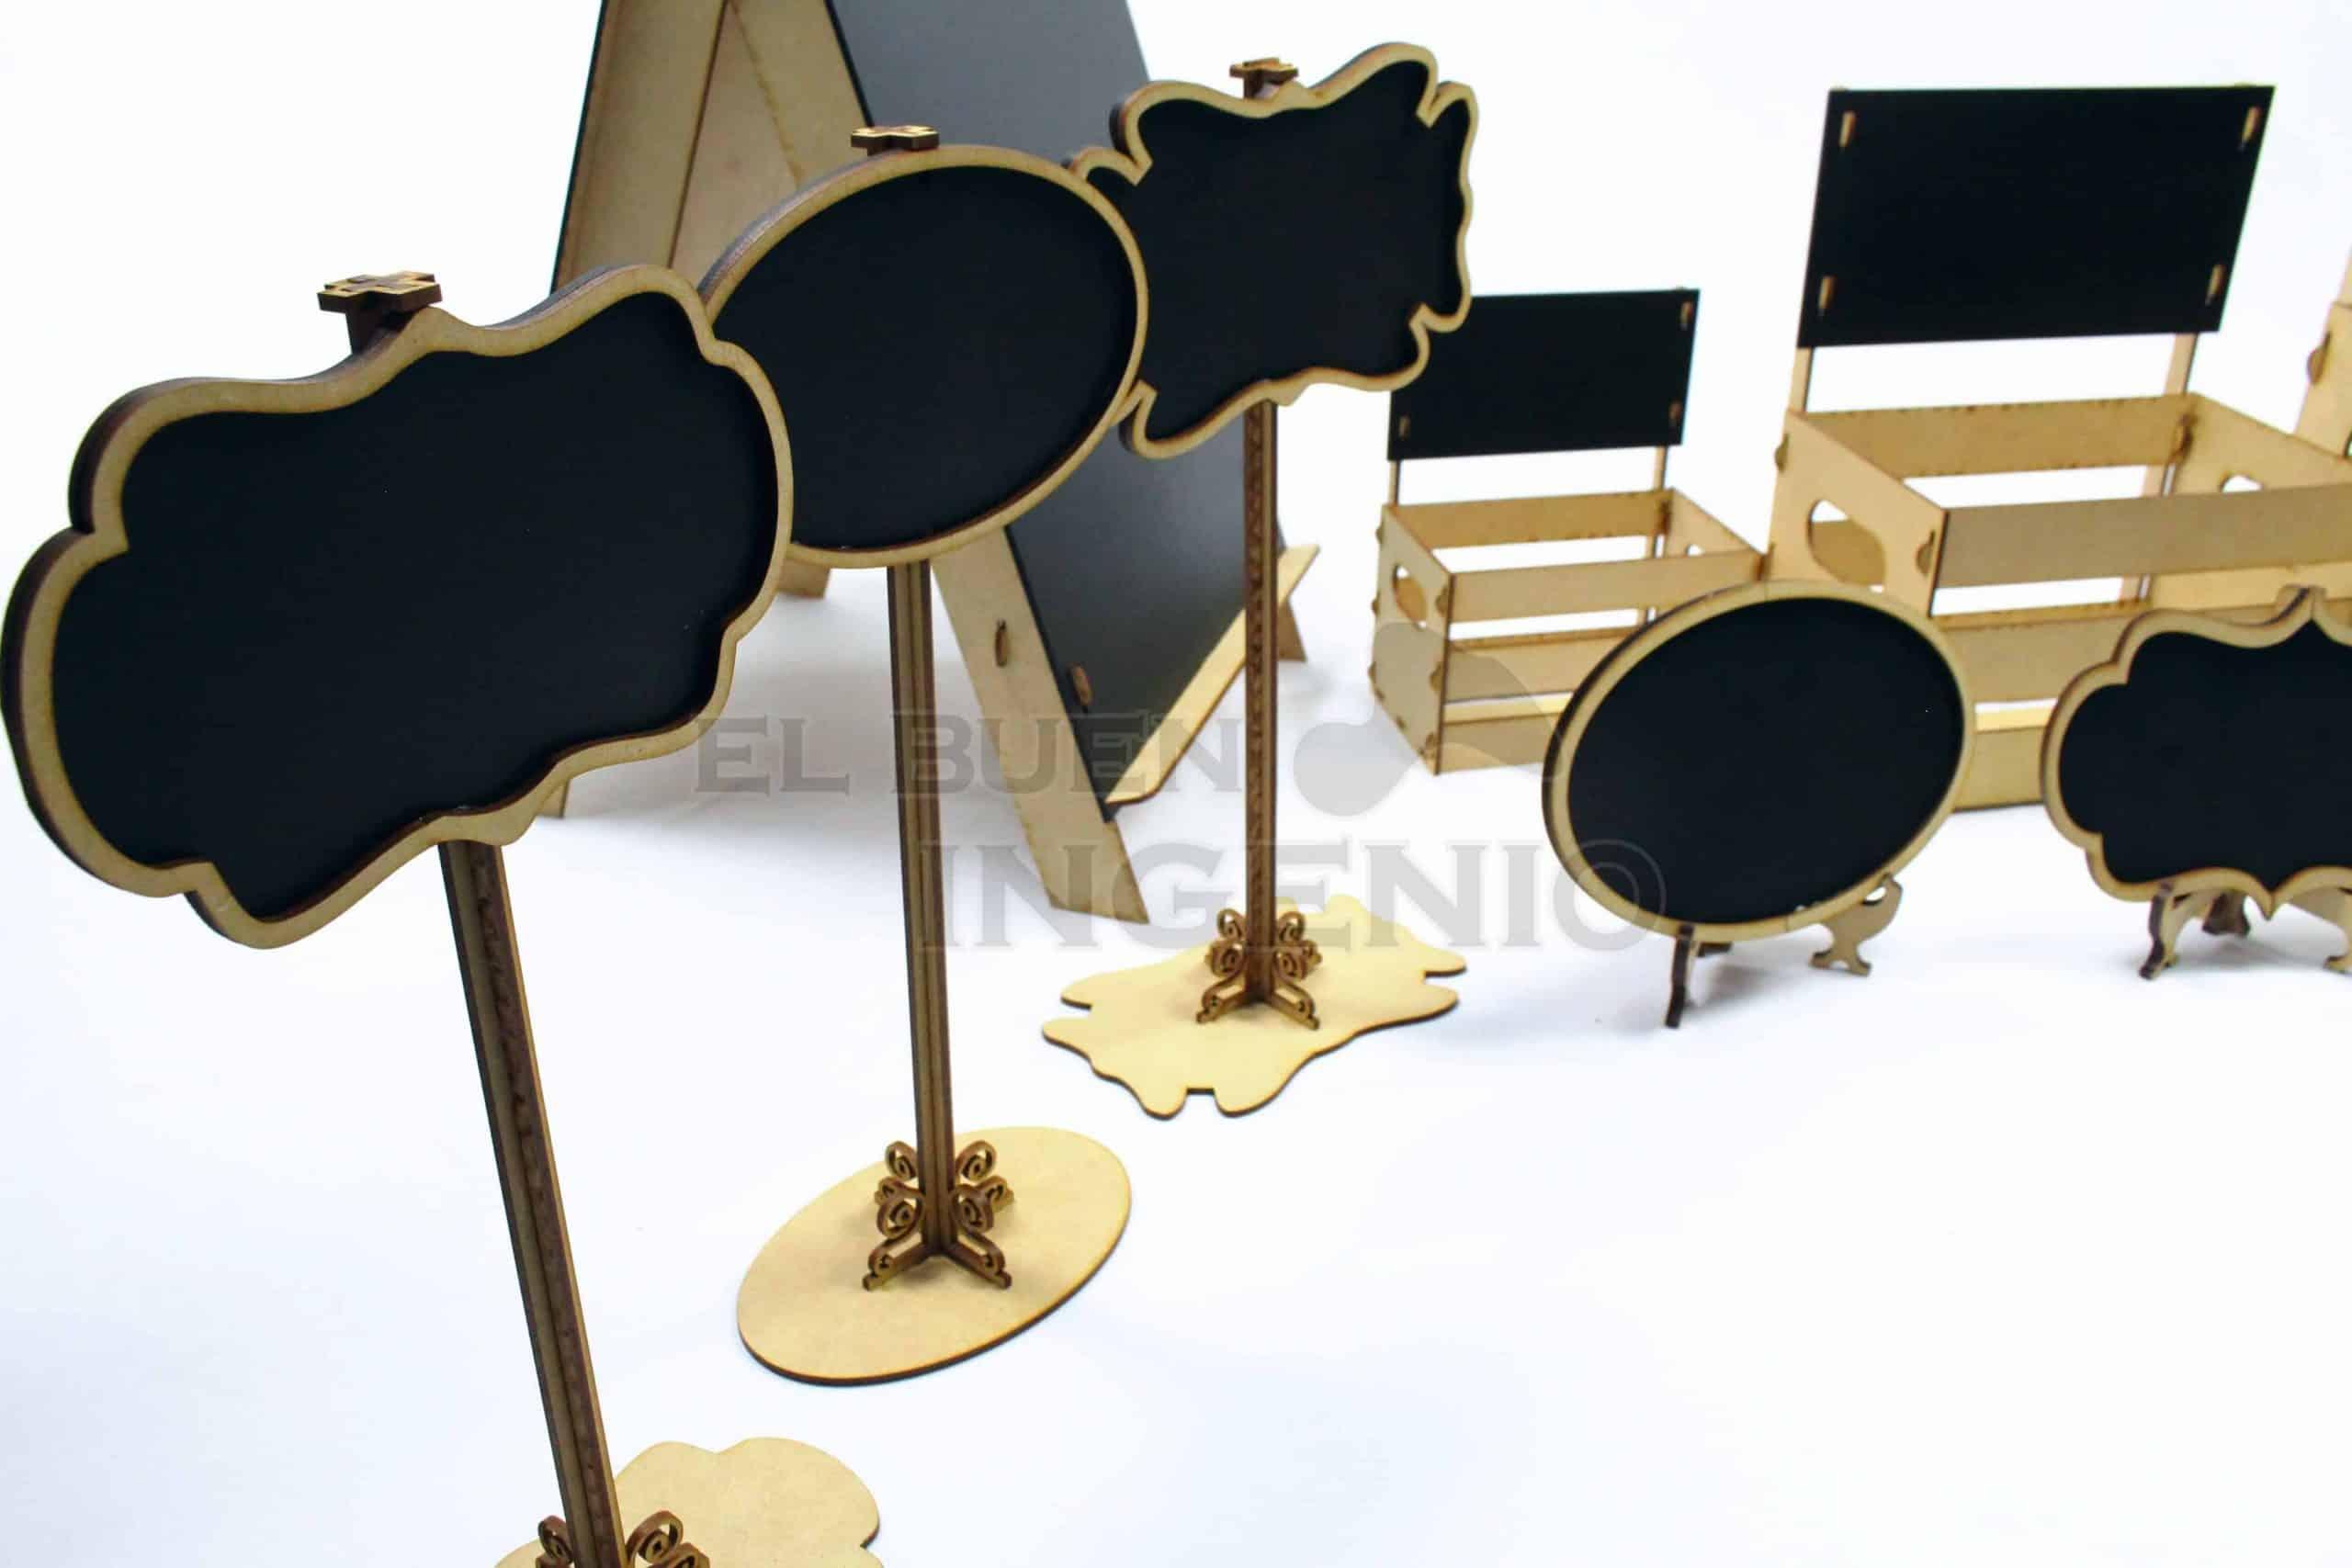 pizarrones altos en mesa de dulces pizarrones